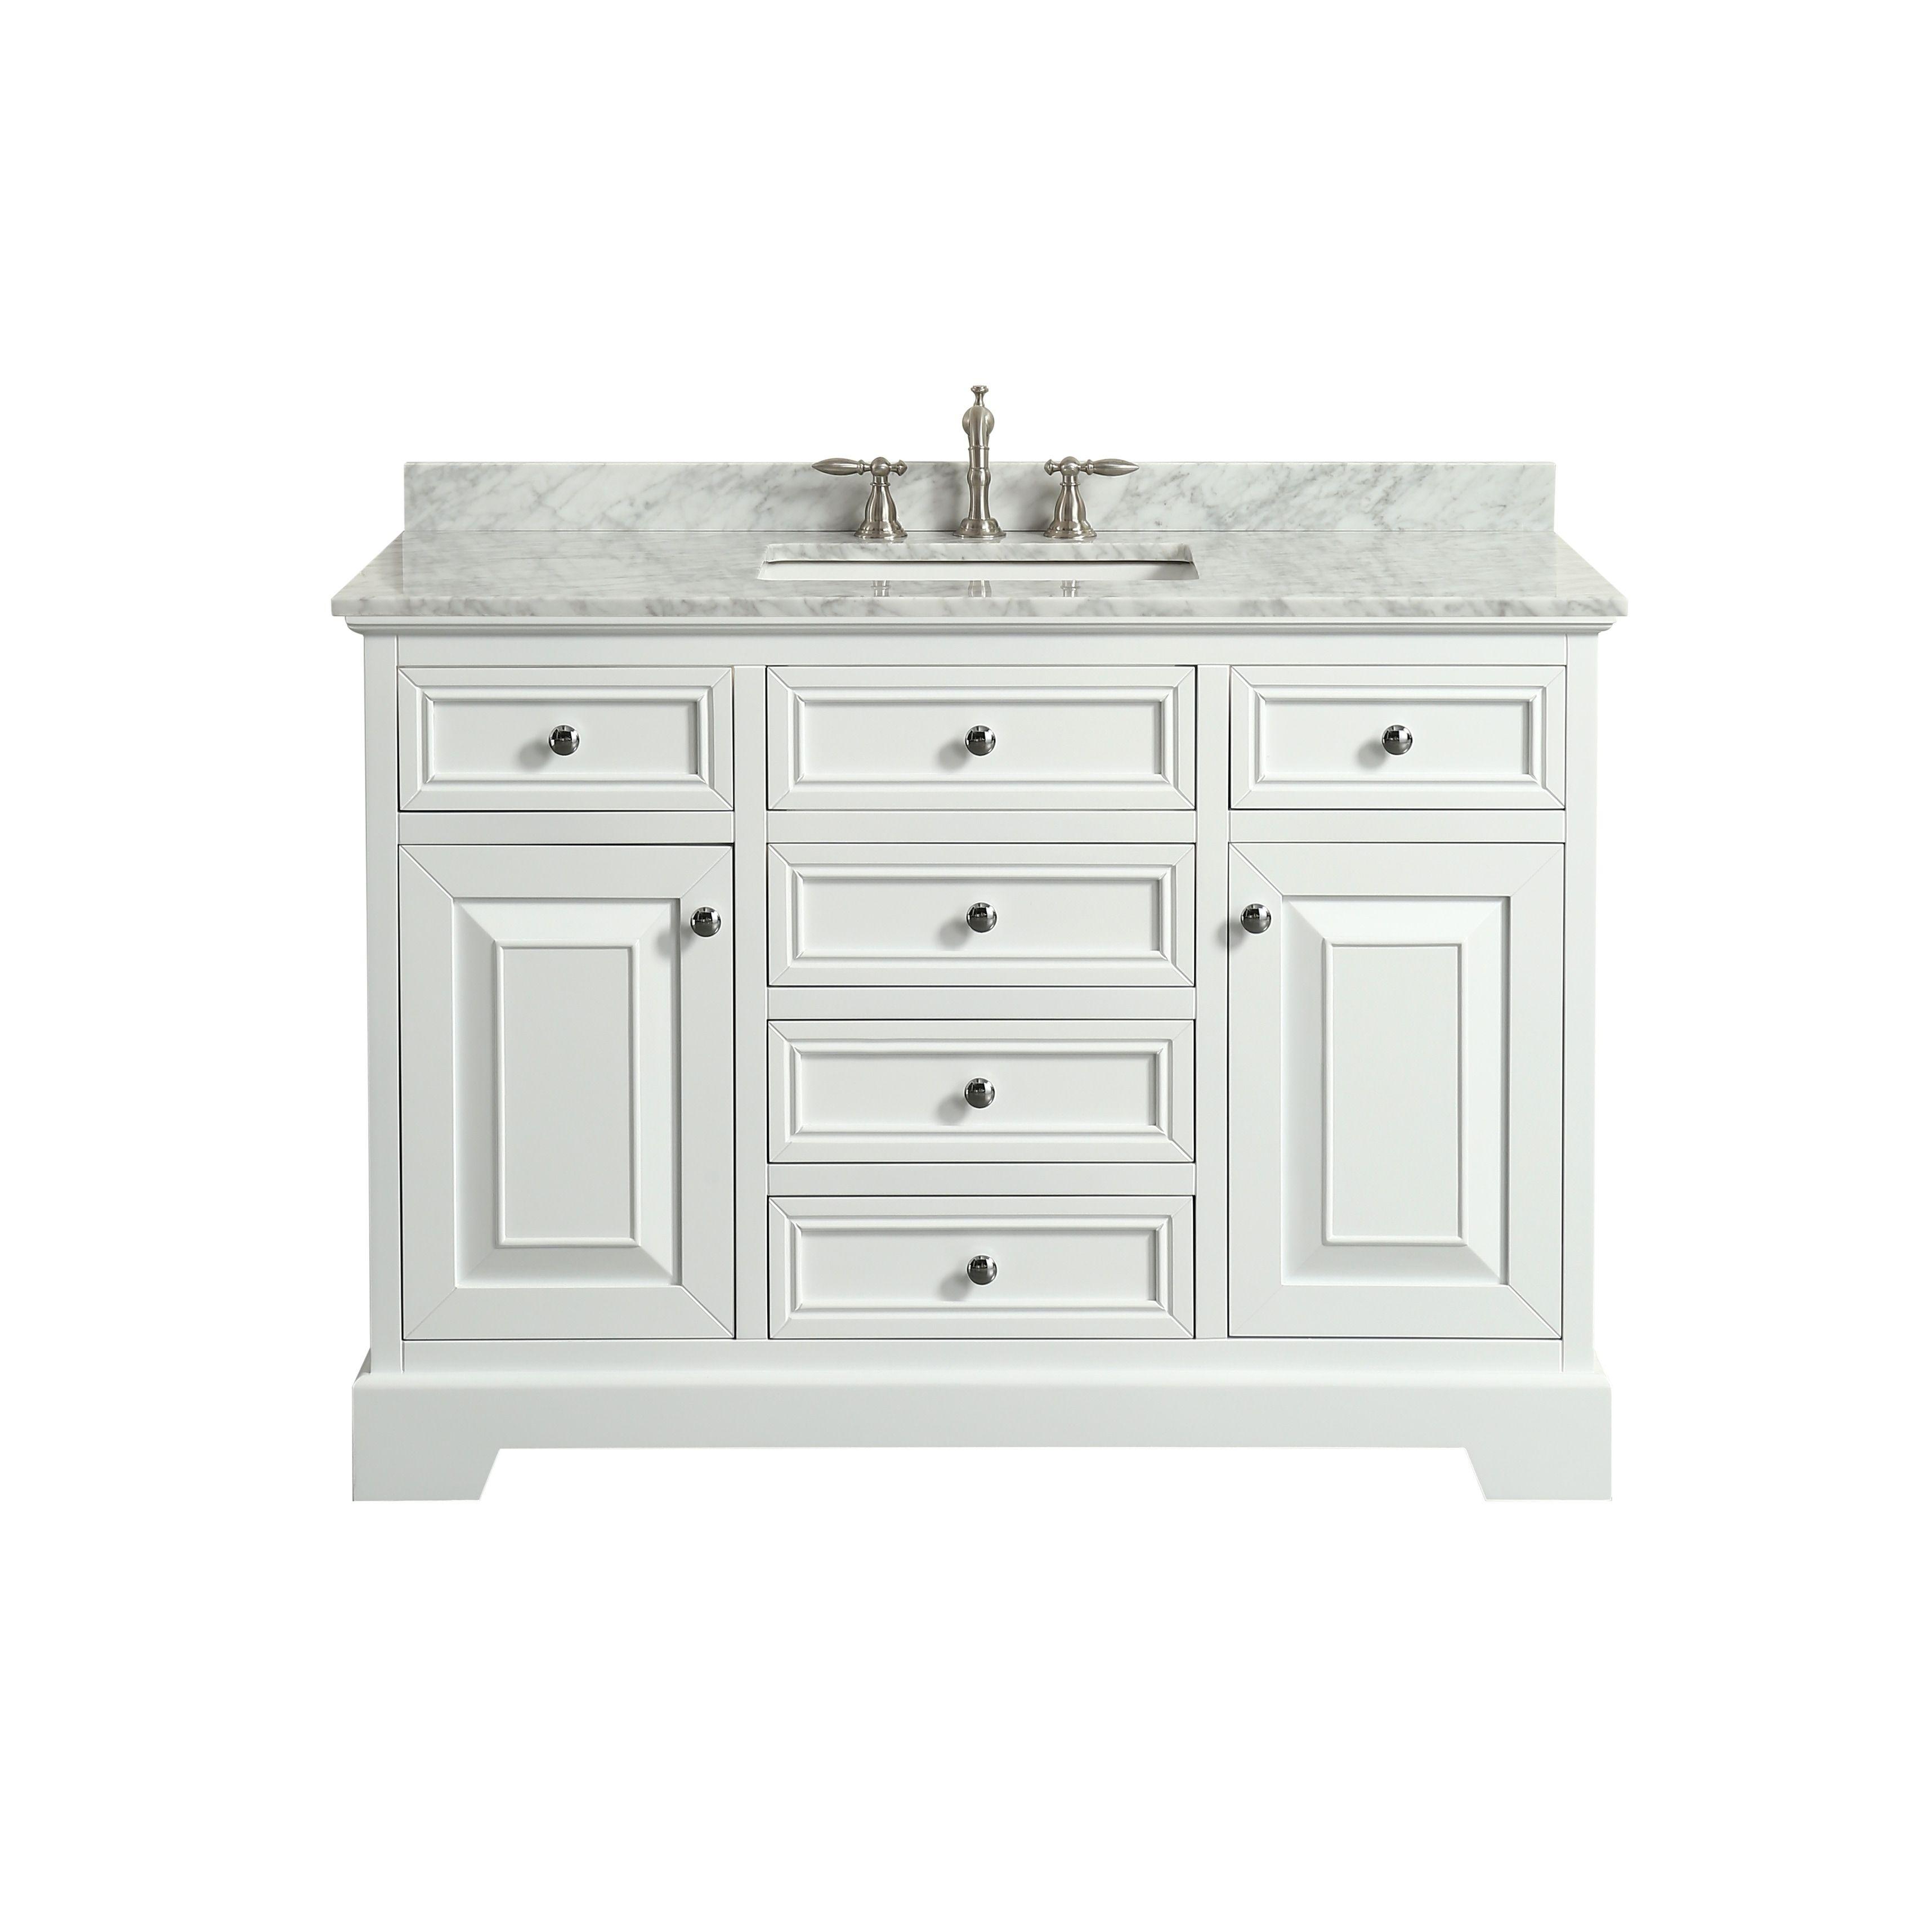 Eviva Monroe 48 In Bathroom Vanity With Carrara Marble Top